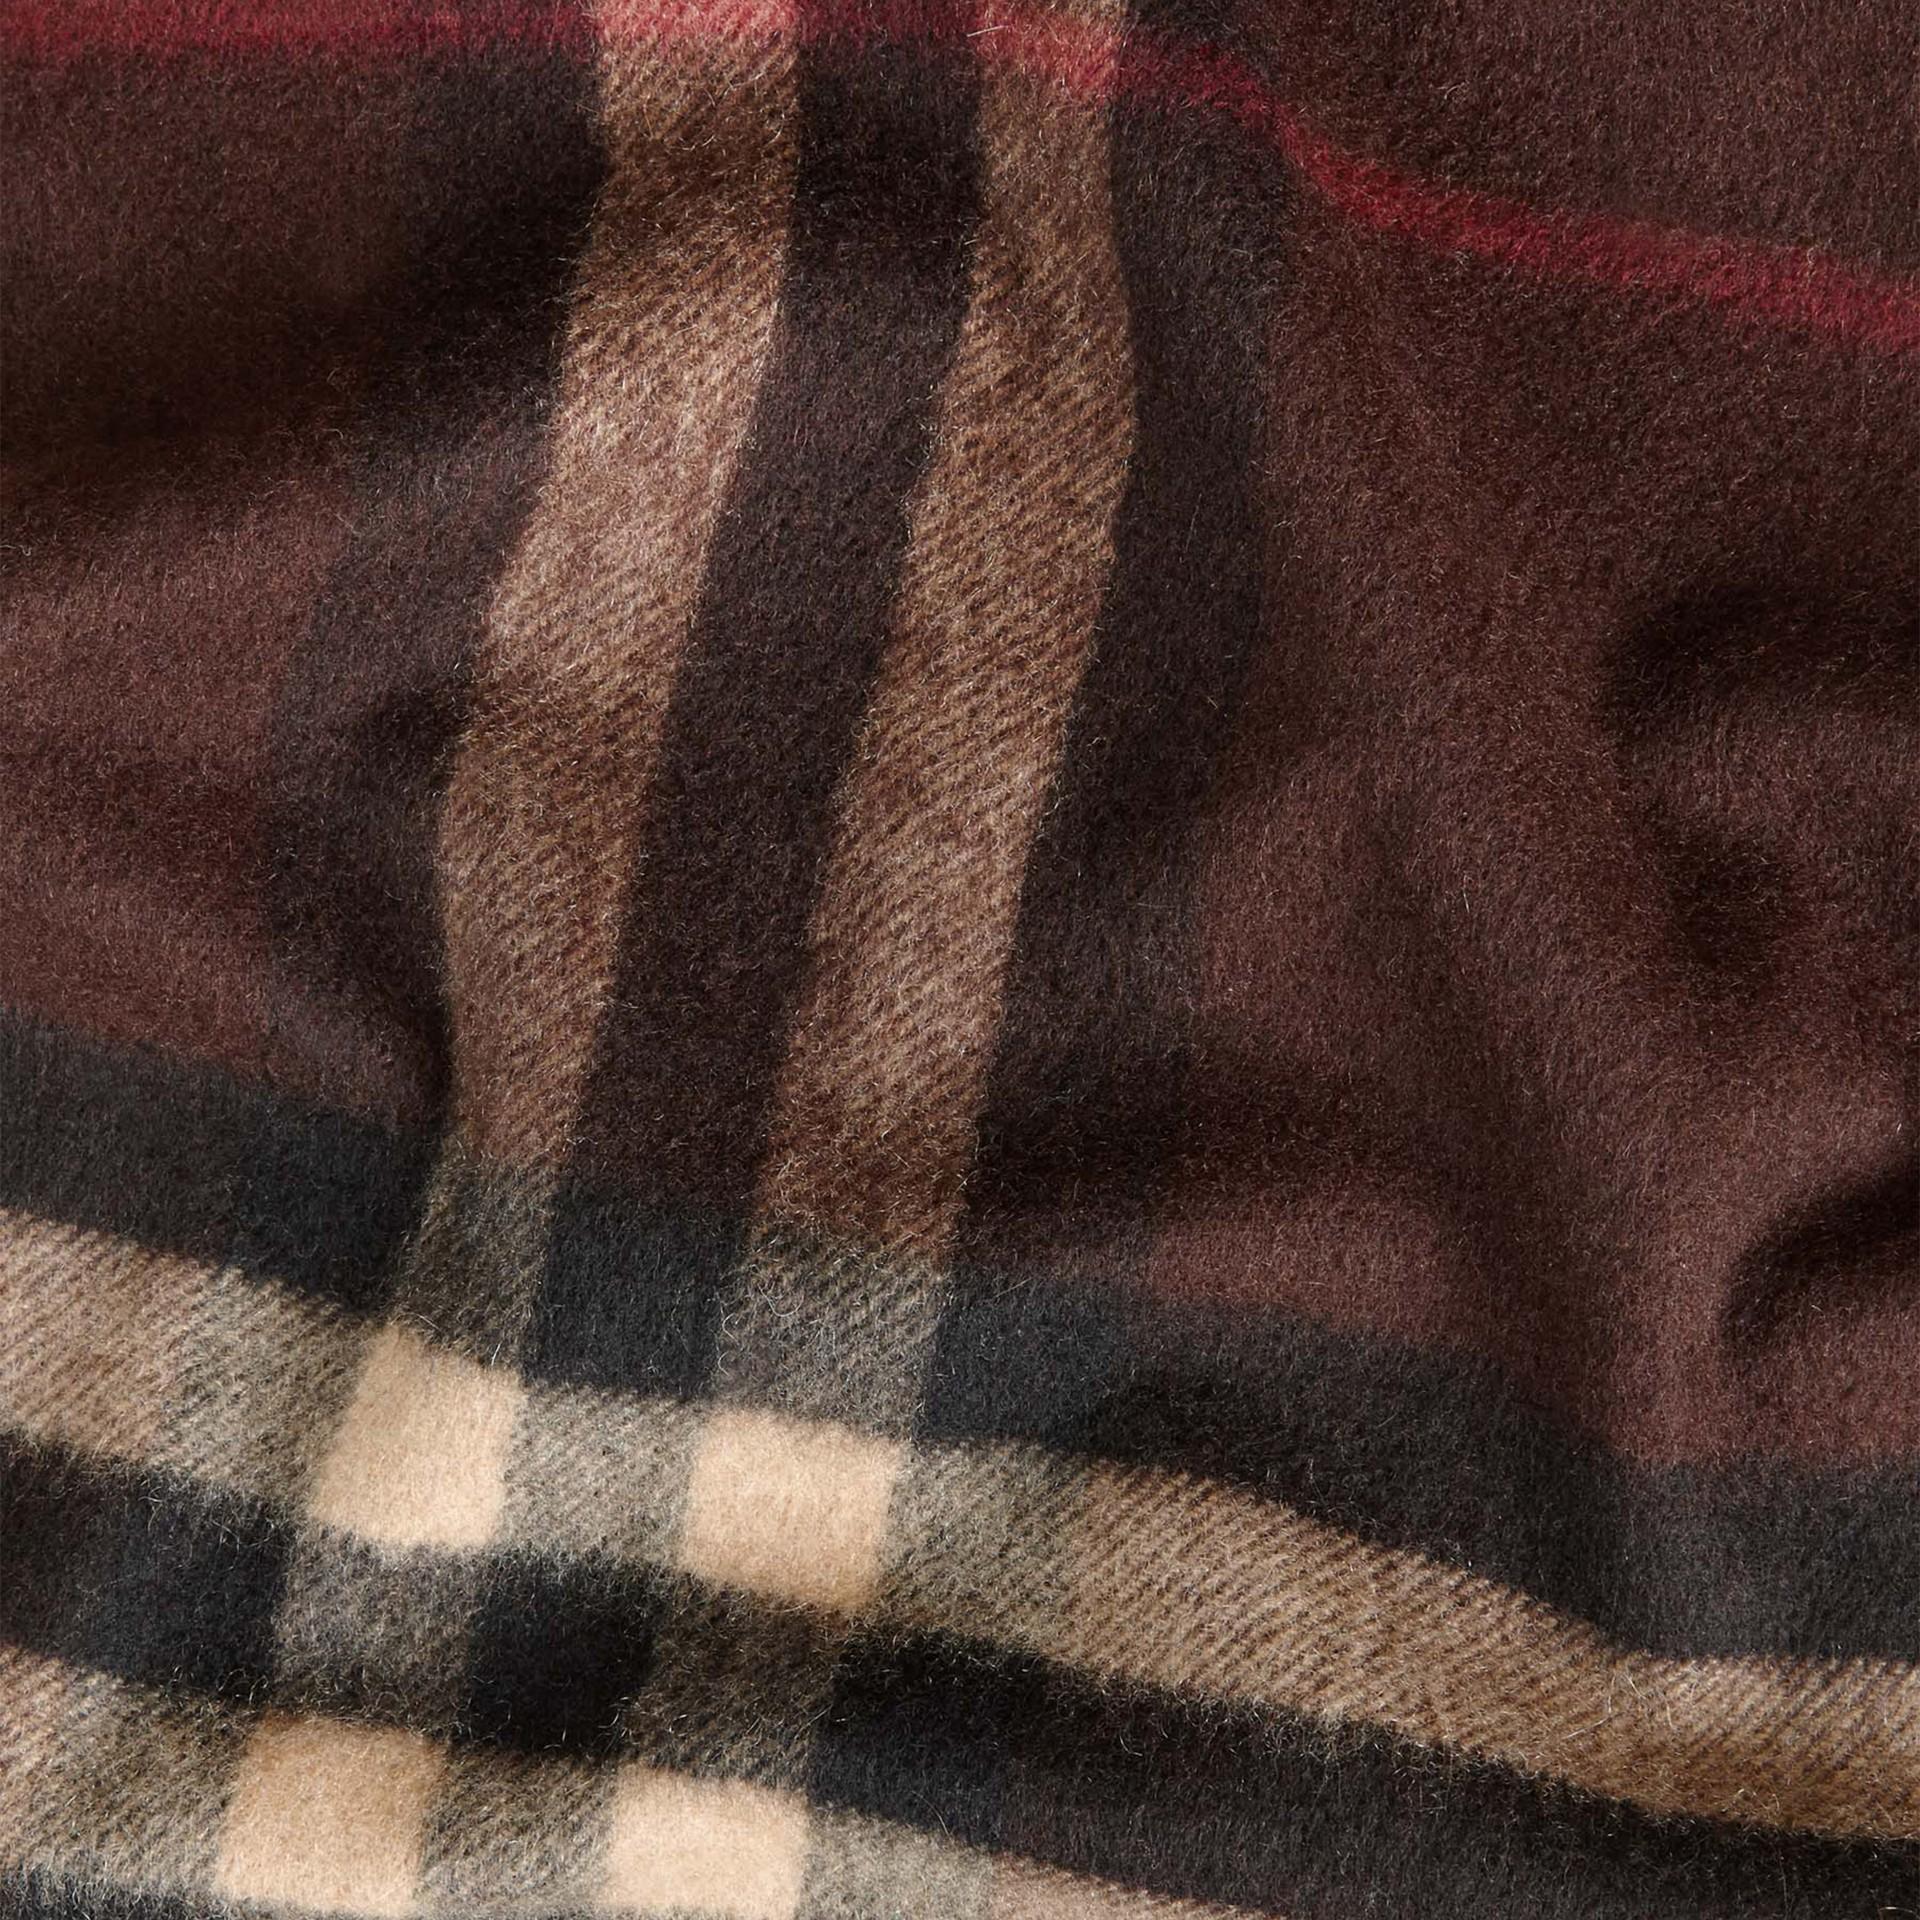 Check marrone castagna scuro Sciarpa in cashmere classica con motivo check Marrone Castagna Scuro - immagine della galleria 5